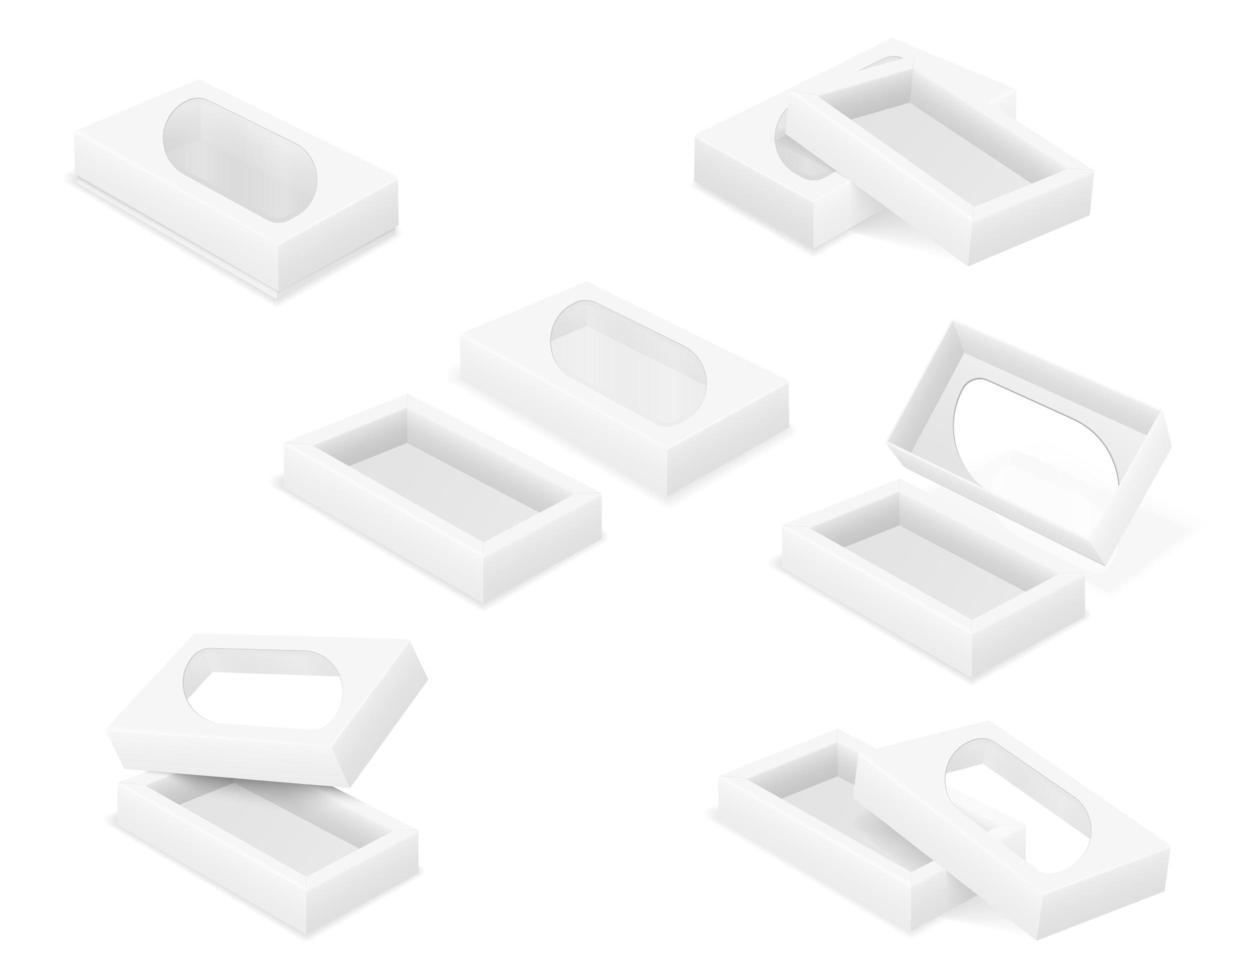 caja de cartón vacía embalaje conjunto de plantillas en blanco vector